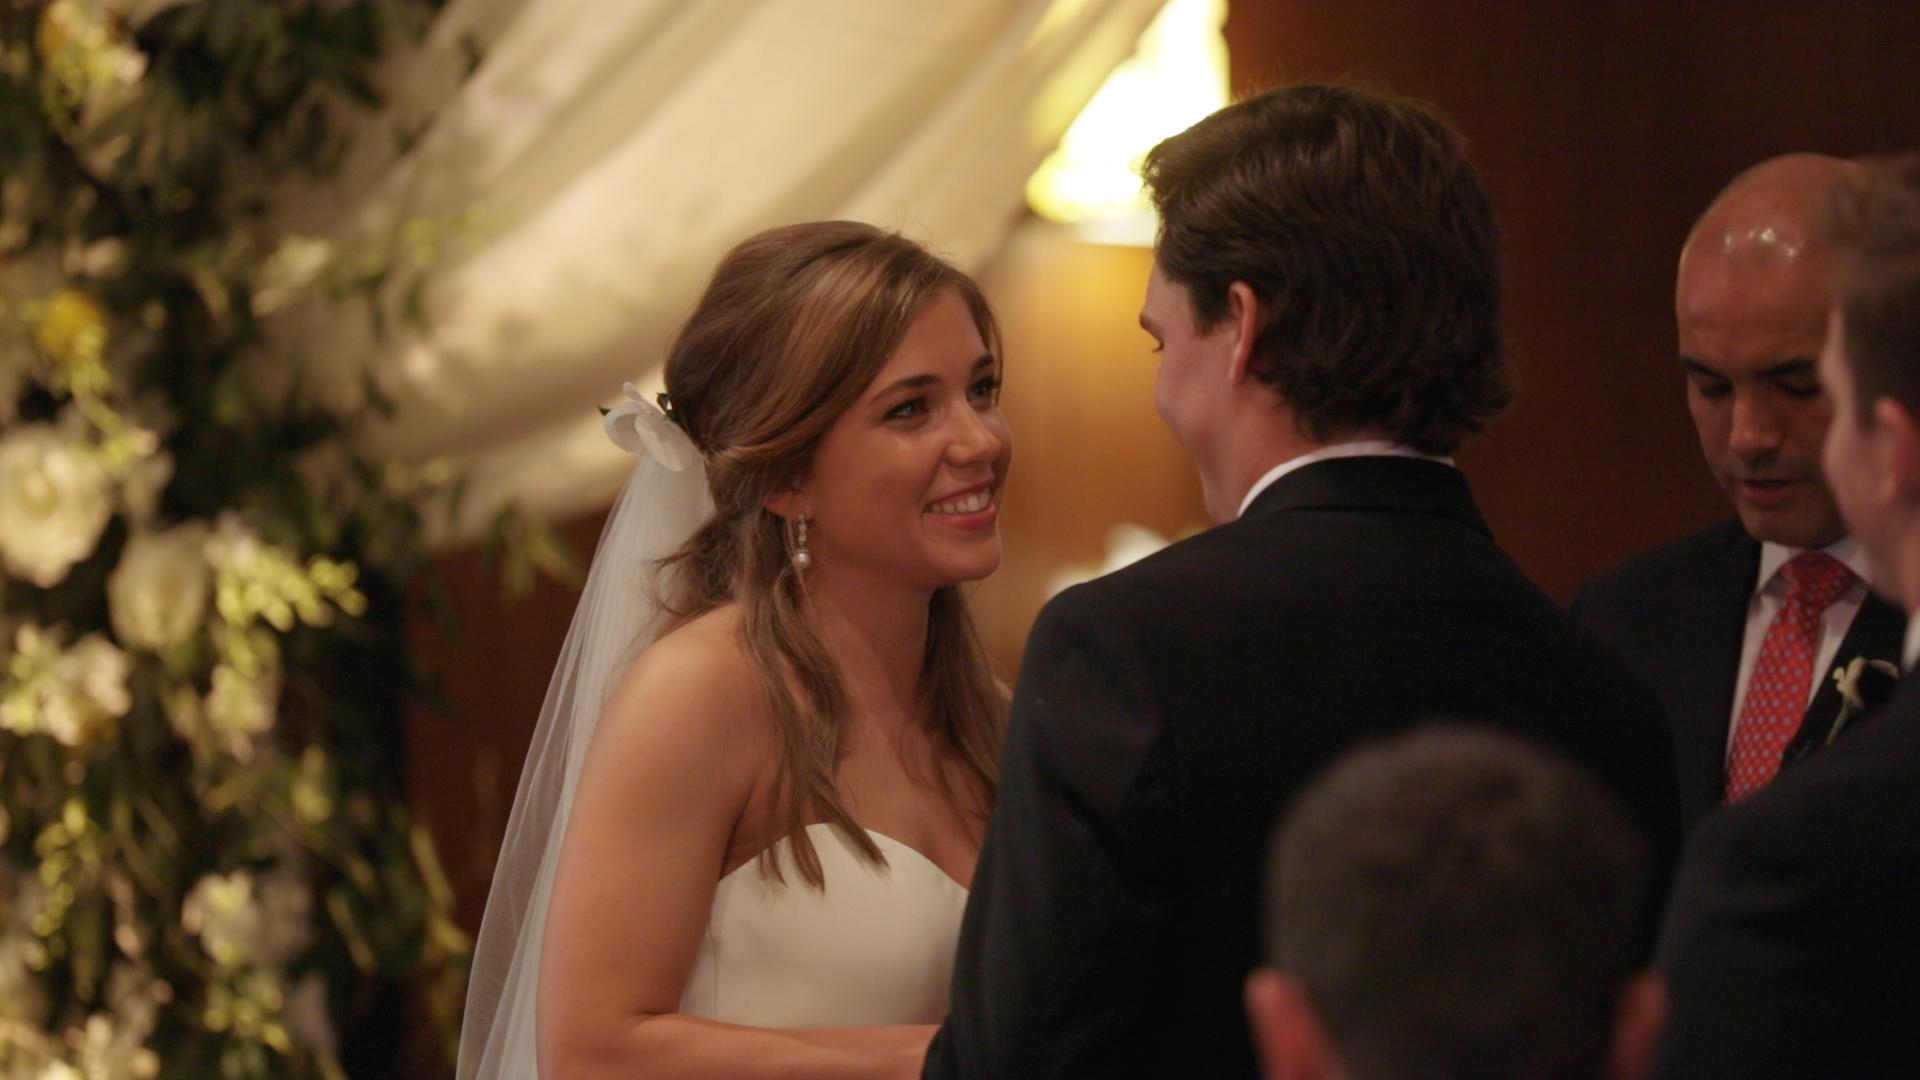 Covington Wedding Video - Bride Film - Wedding Vows